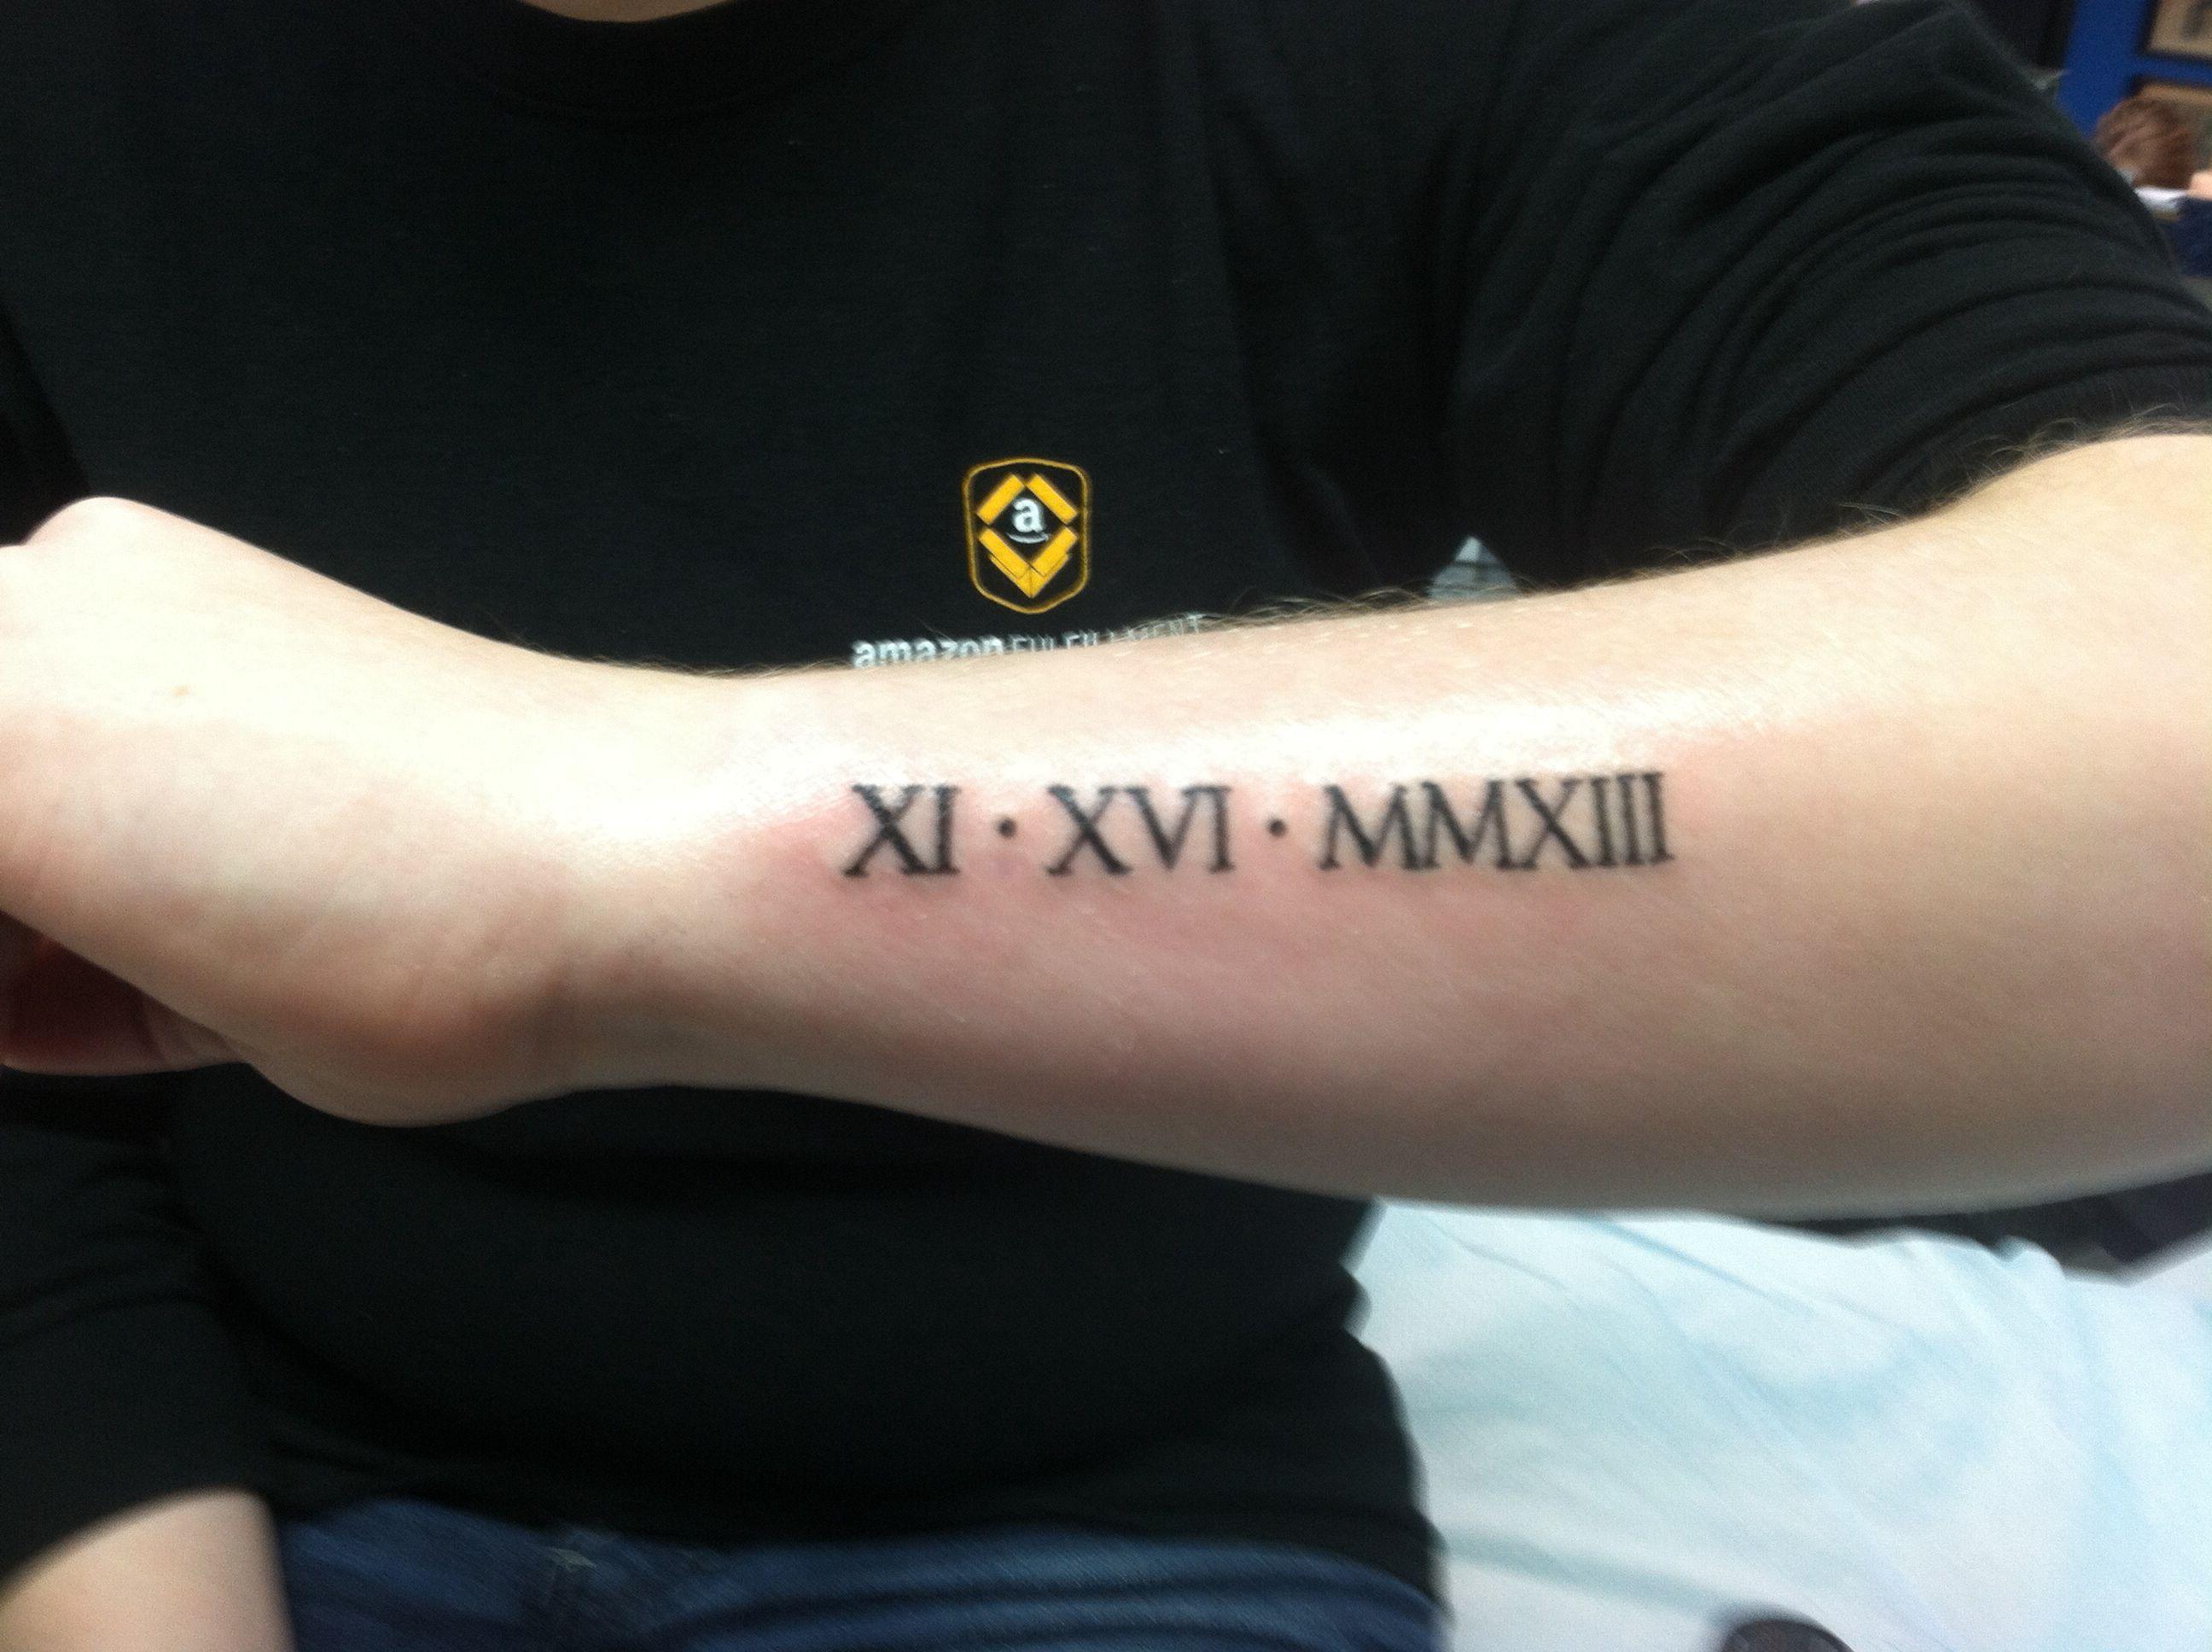 Roman numerals tattoo of Ian's birthday on my arm. Roman